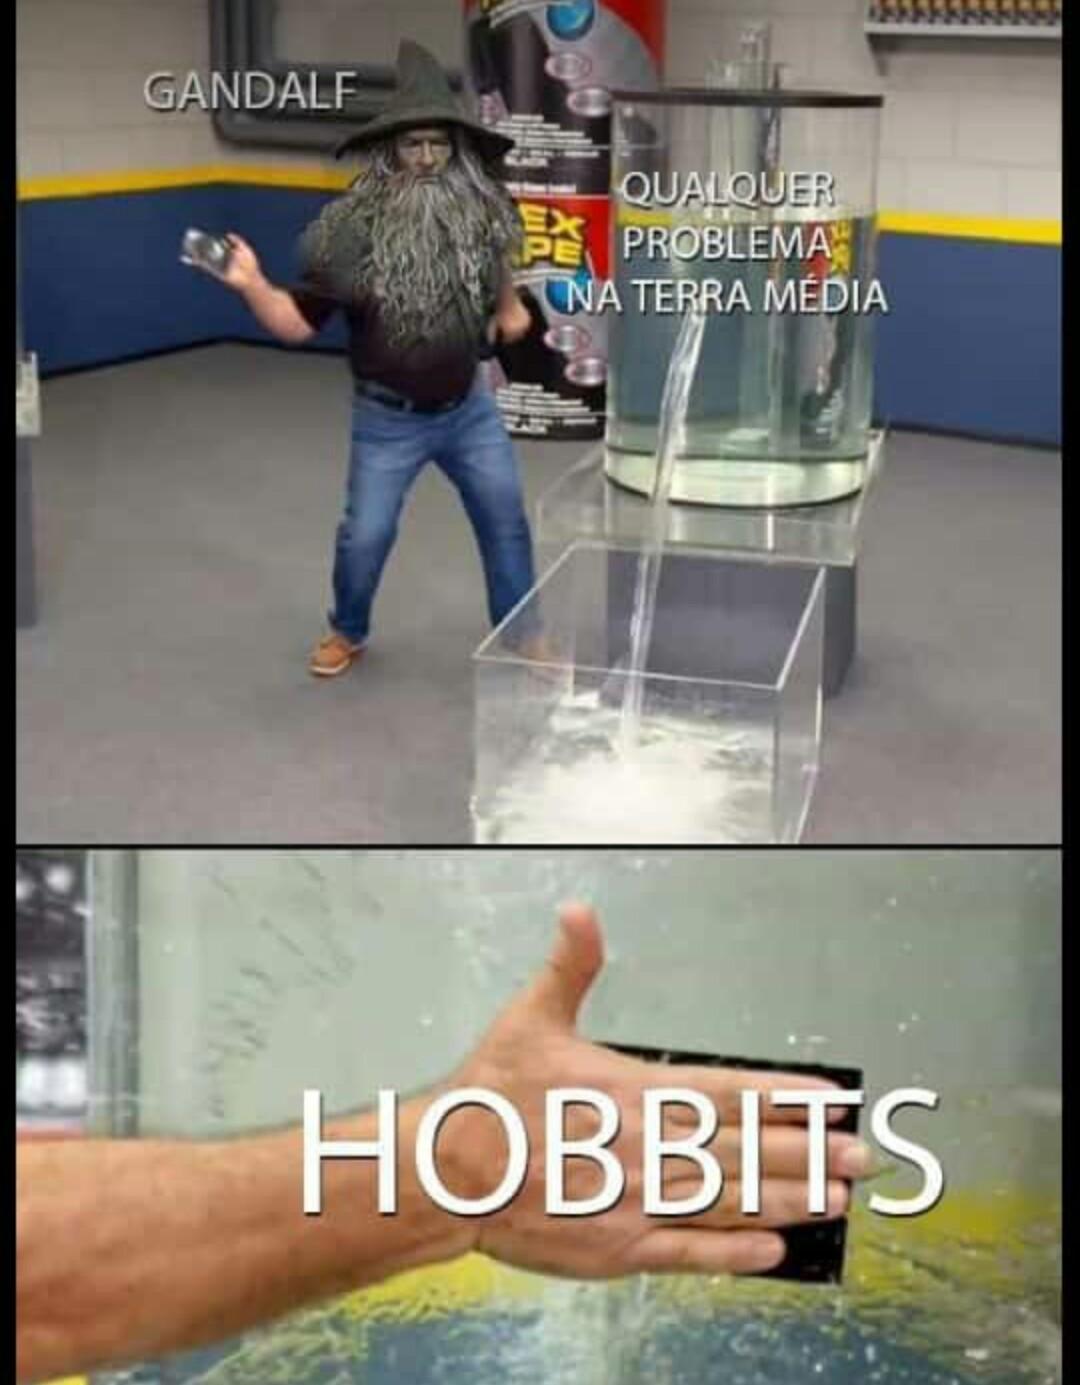 Vontade de fazer uma jornada igual a de Bilbo - meme